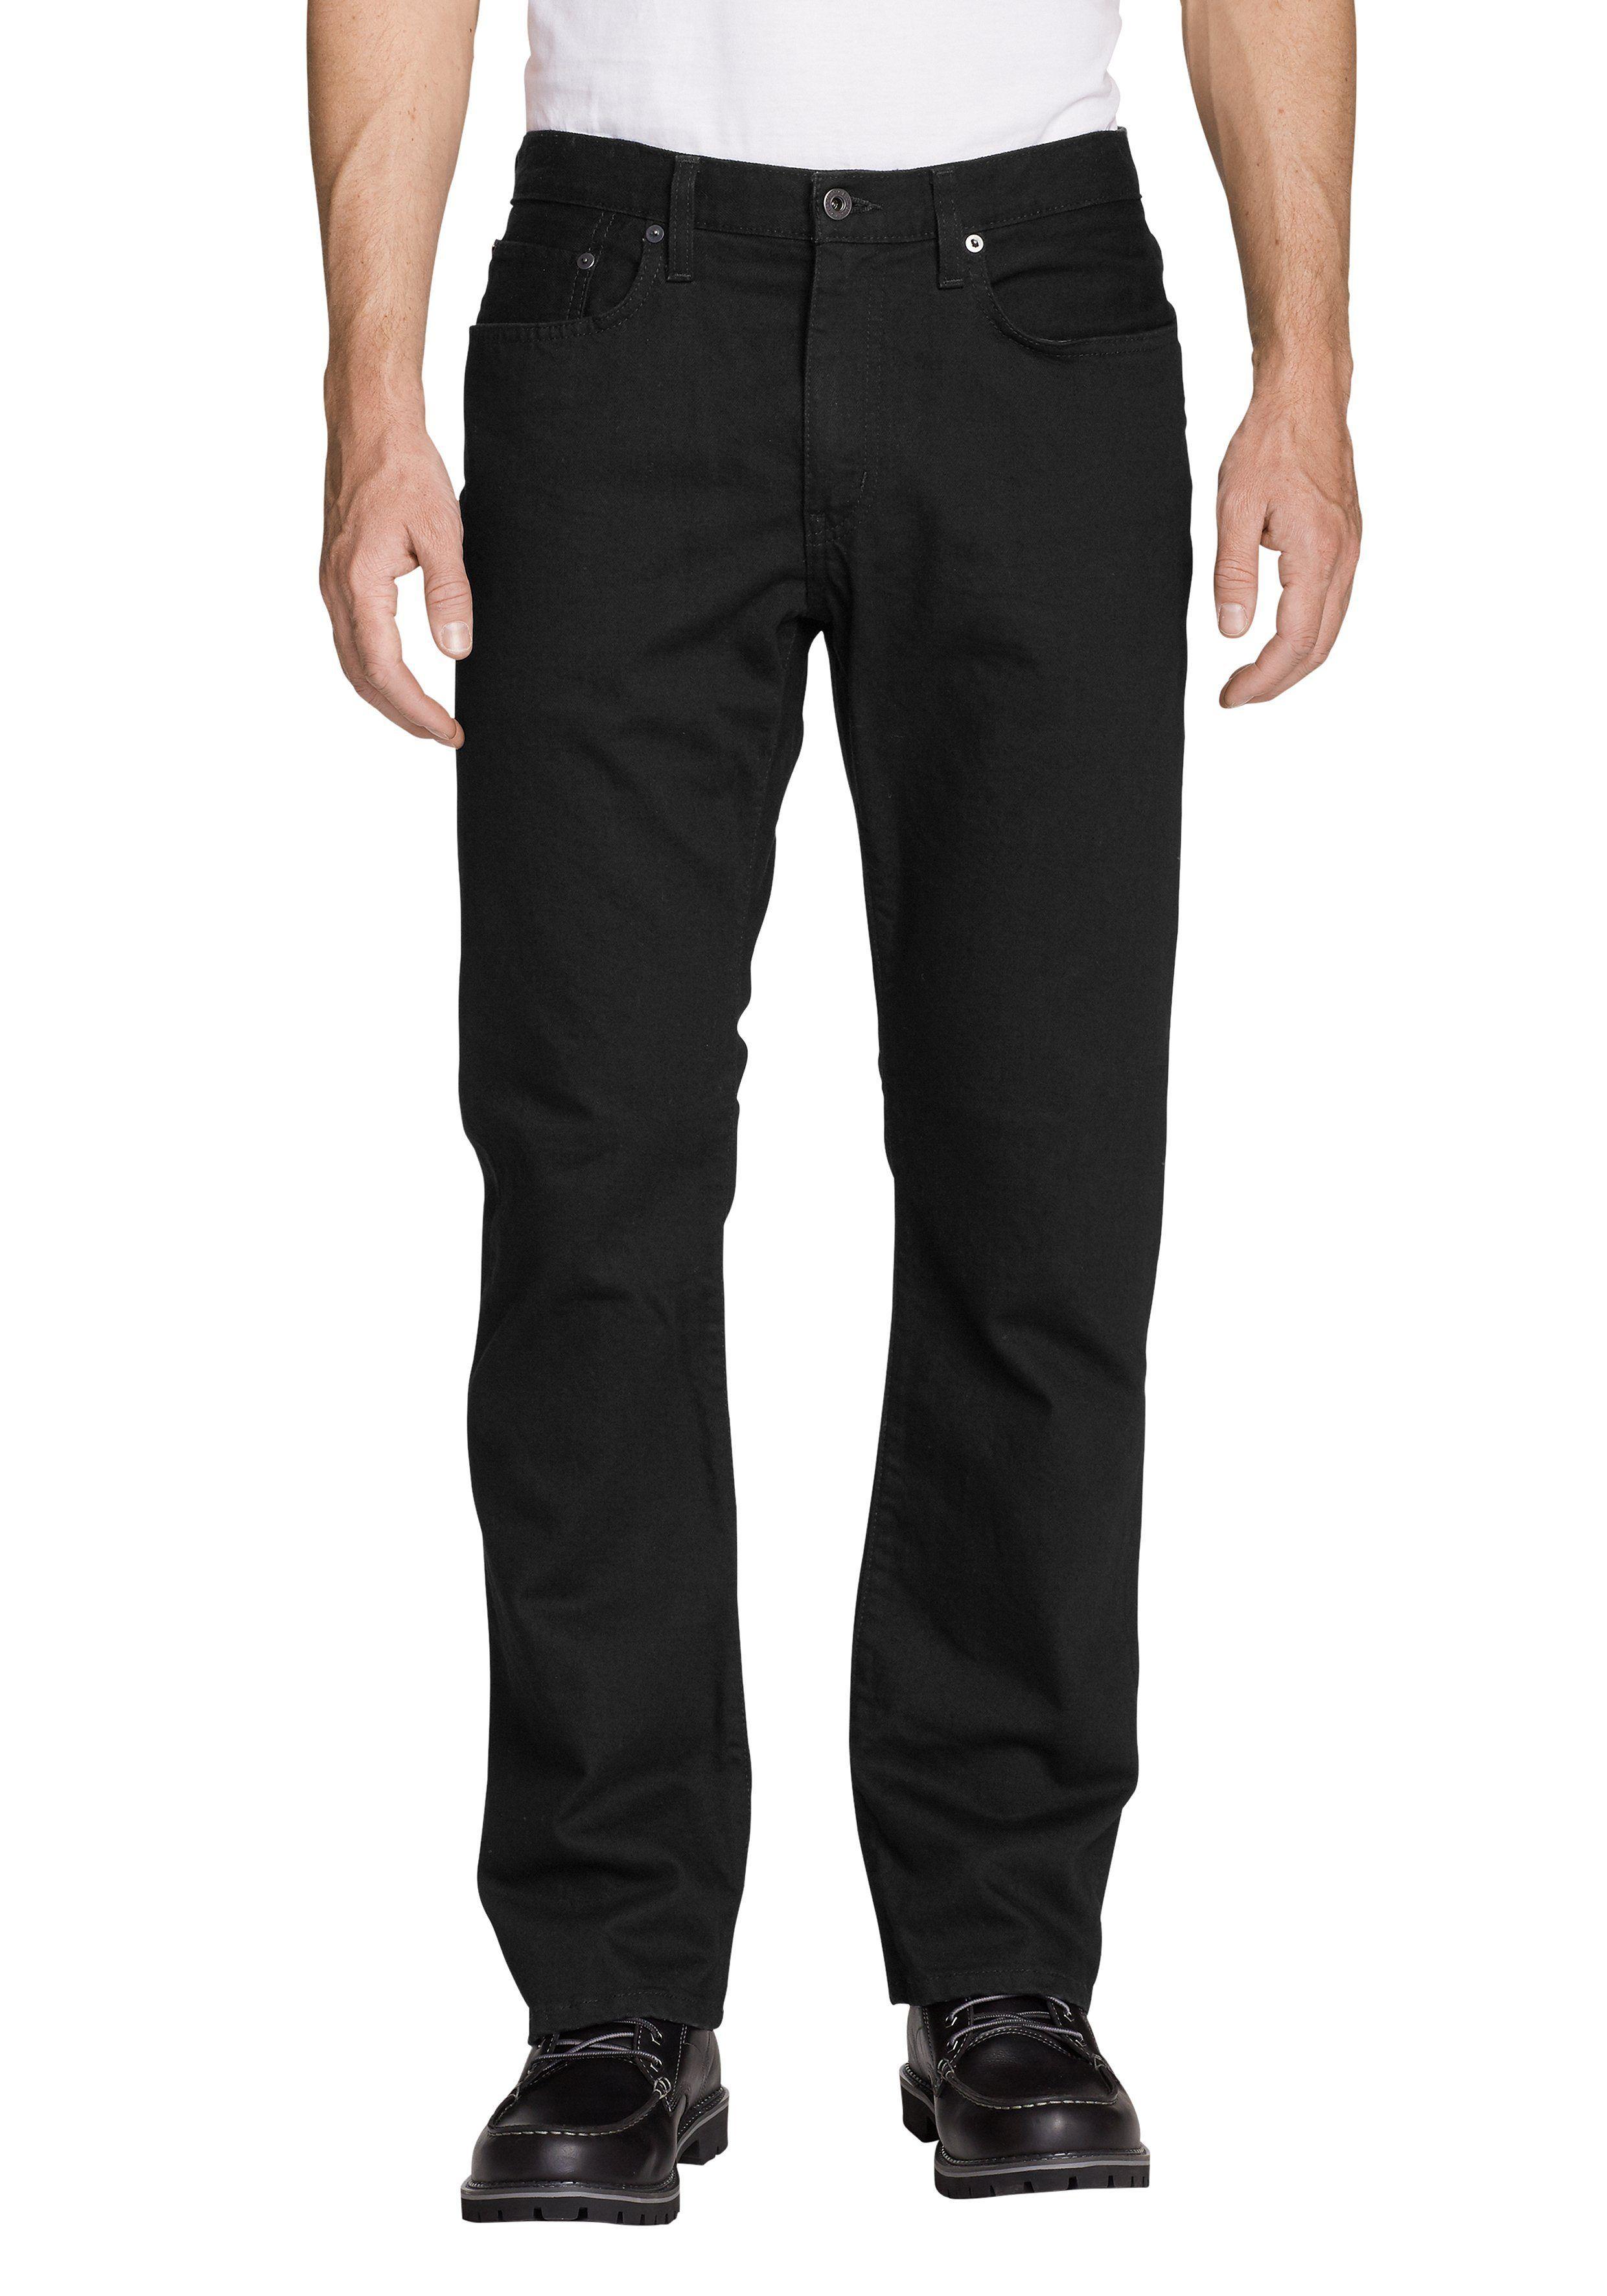 Eddie Bauer Flex Jeans Straight Fit Jetzt bestellen